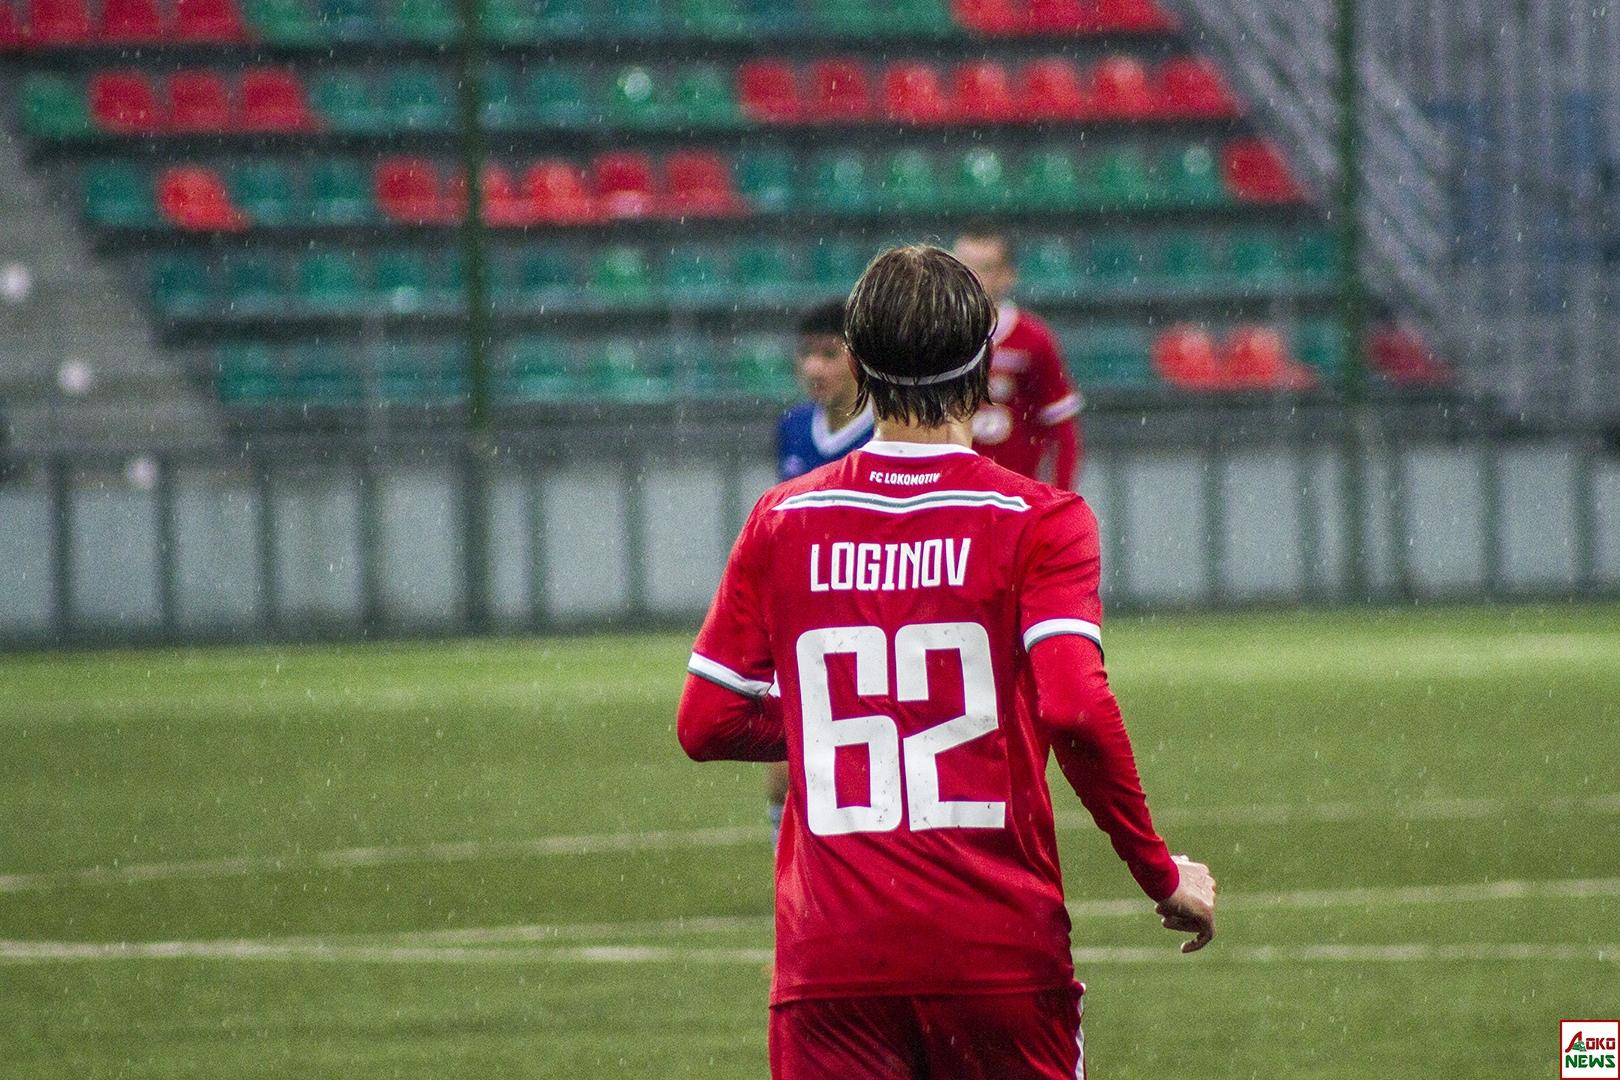 ВАДИМ ЛОГИНОВ. Фото: Дмитрий Бурдонов / Loko.News